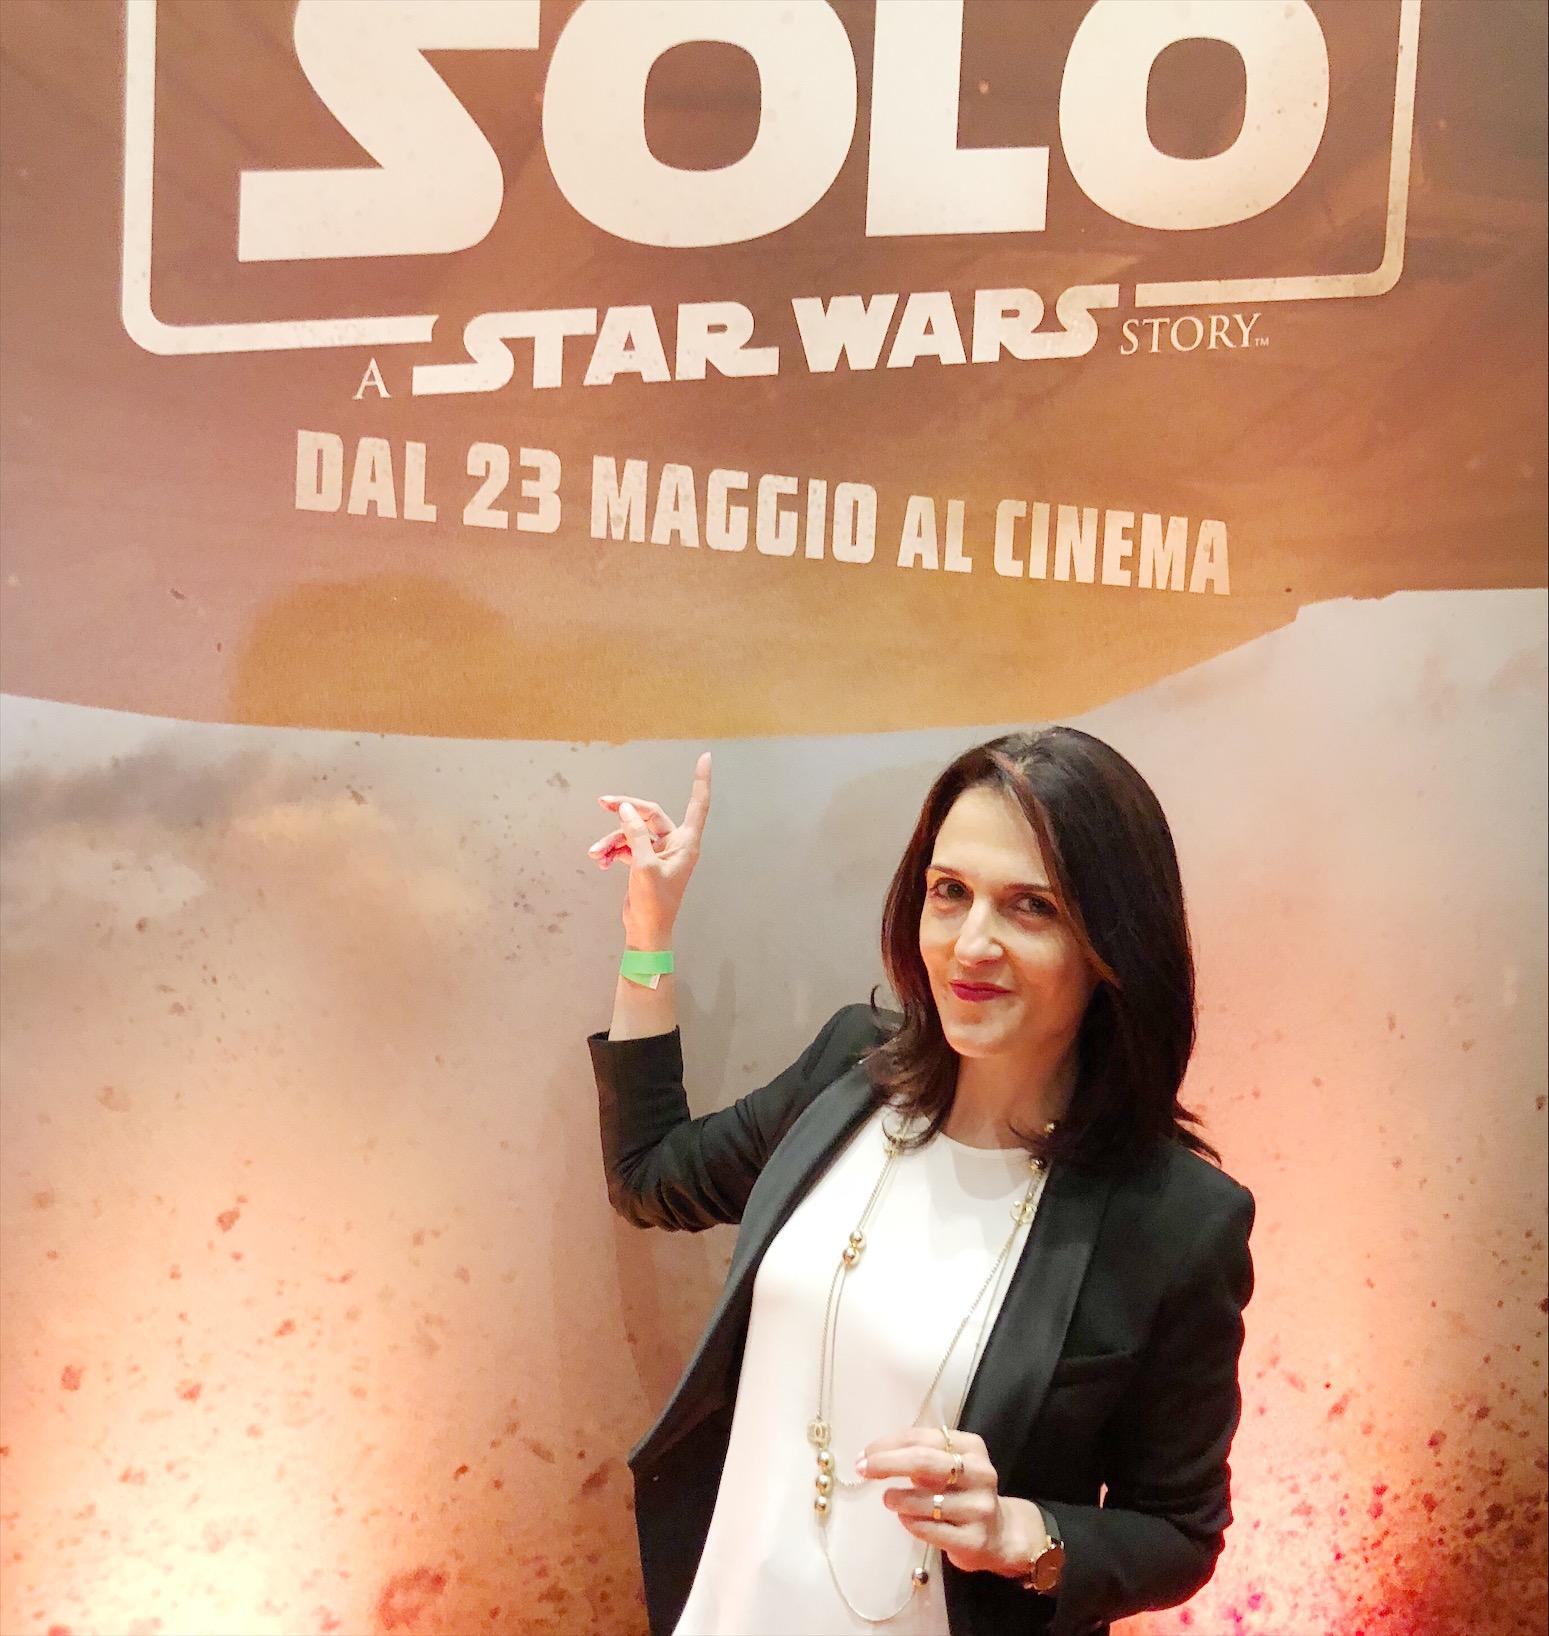 Solo: A Star Wars Story! Una nuova avventura con il mondo Disney